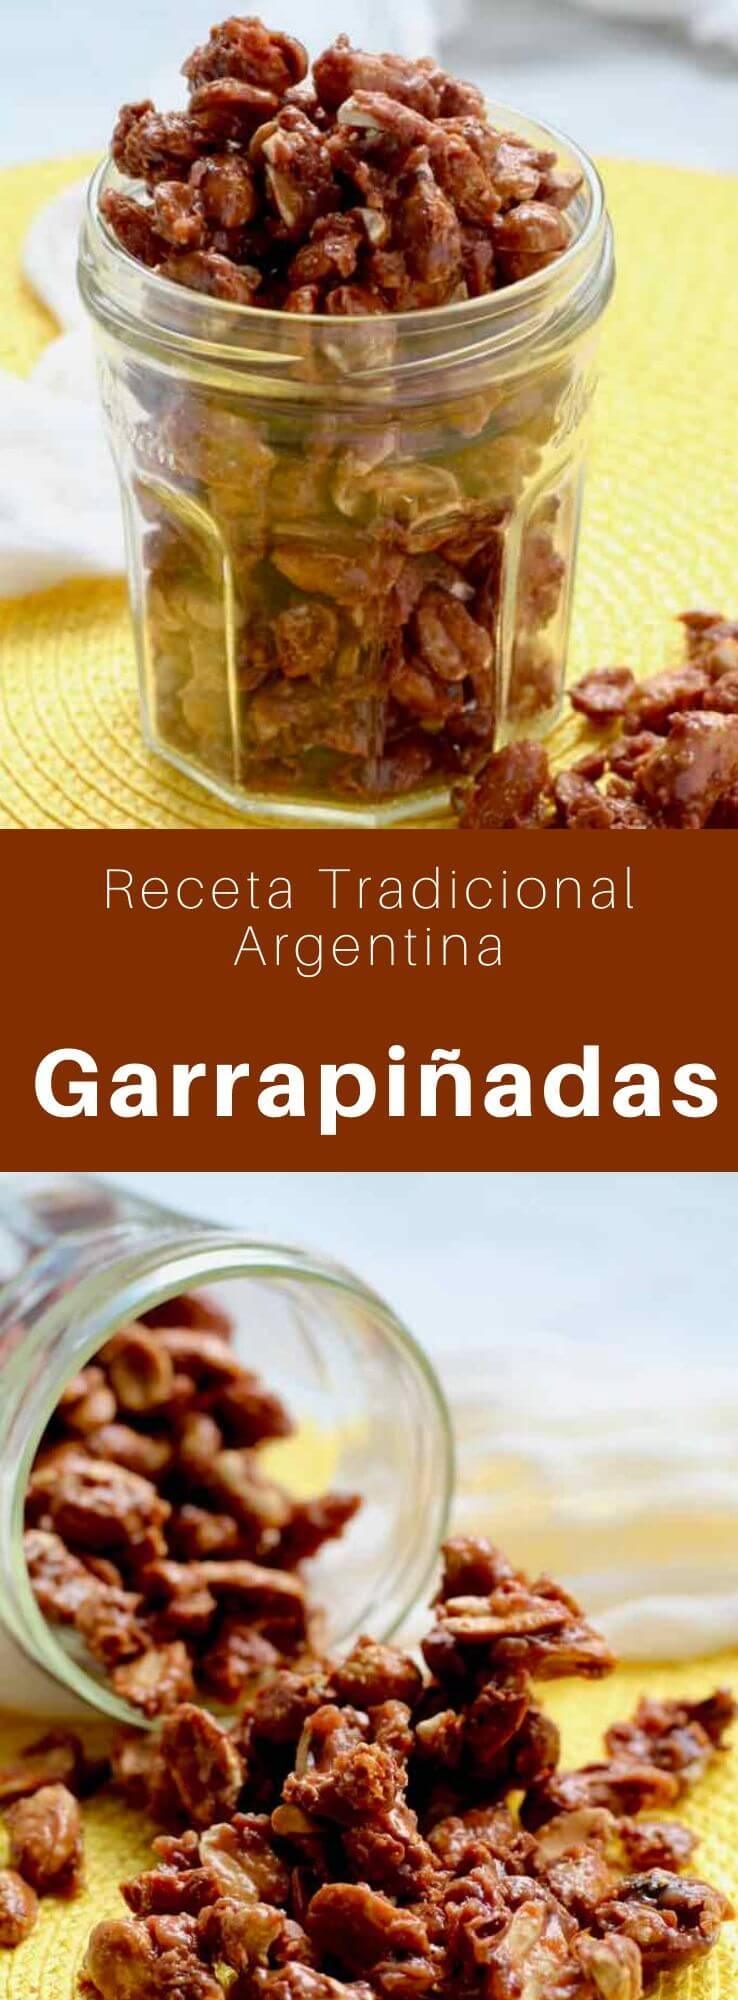 Las garrapiñadas son dulces elaborados con cacahuetes caramelizados, populares en América Latina, particularmente en Argentina, Uruguay, Chile, México y Perú.